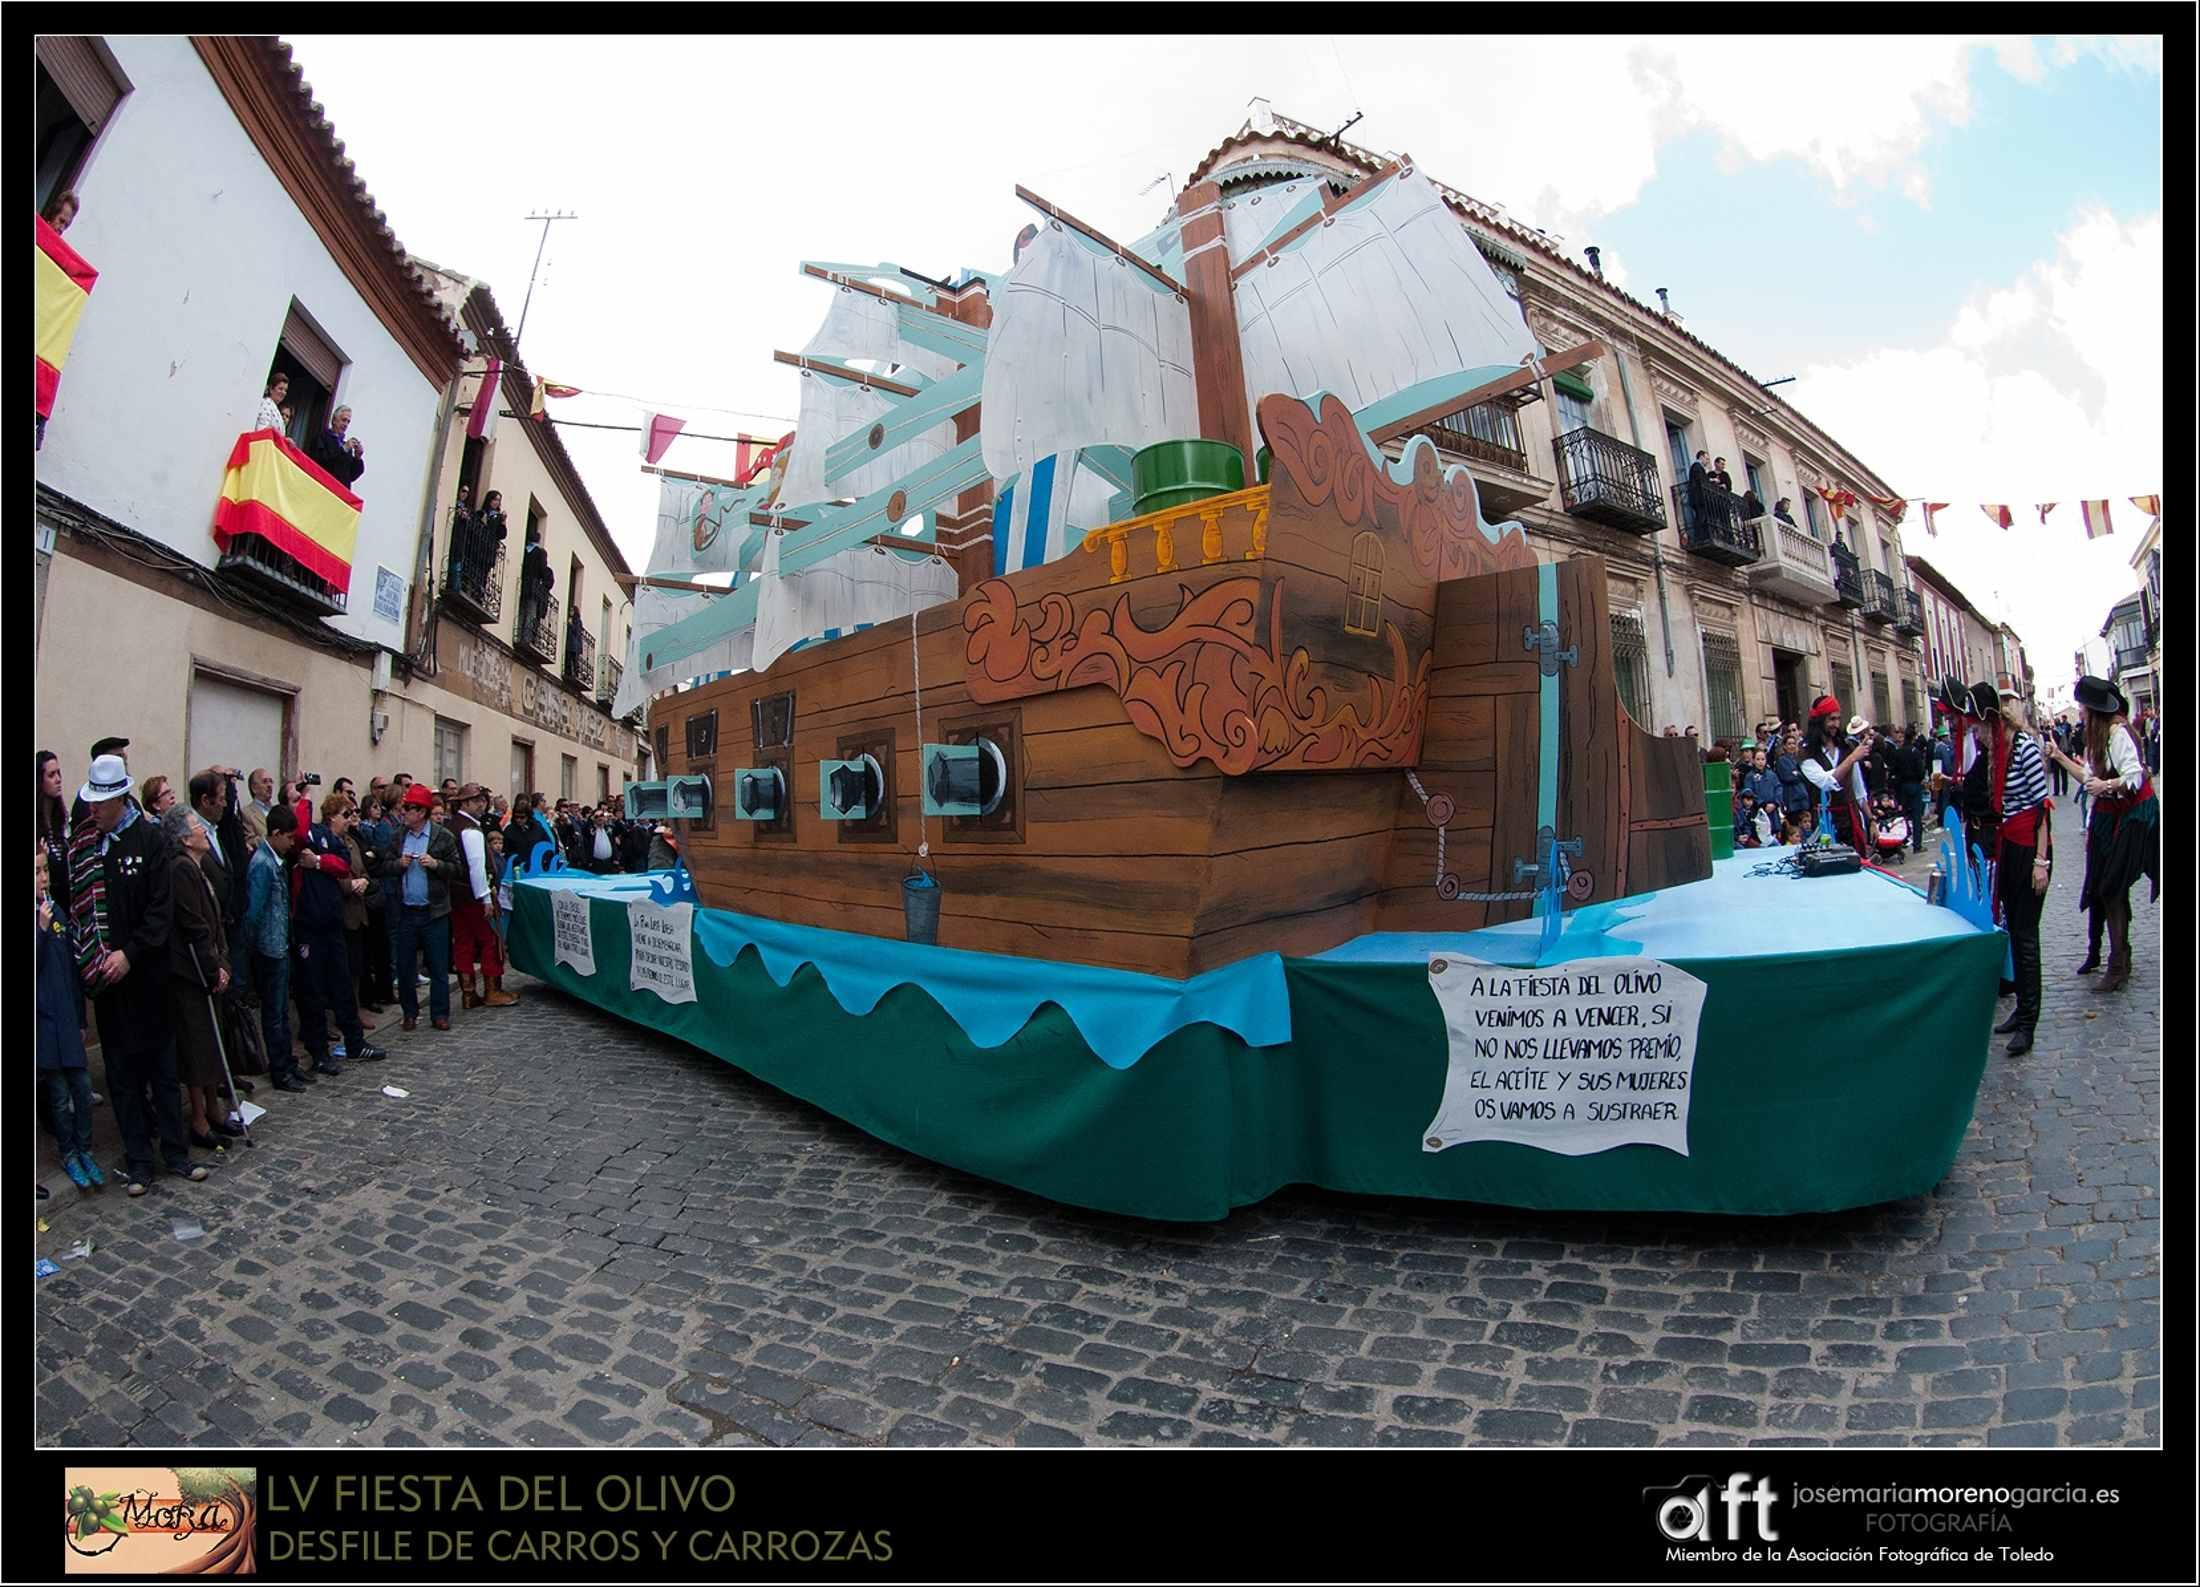 Fiesta del Olivo de Mora